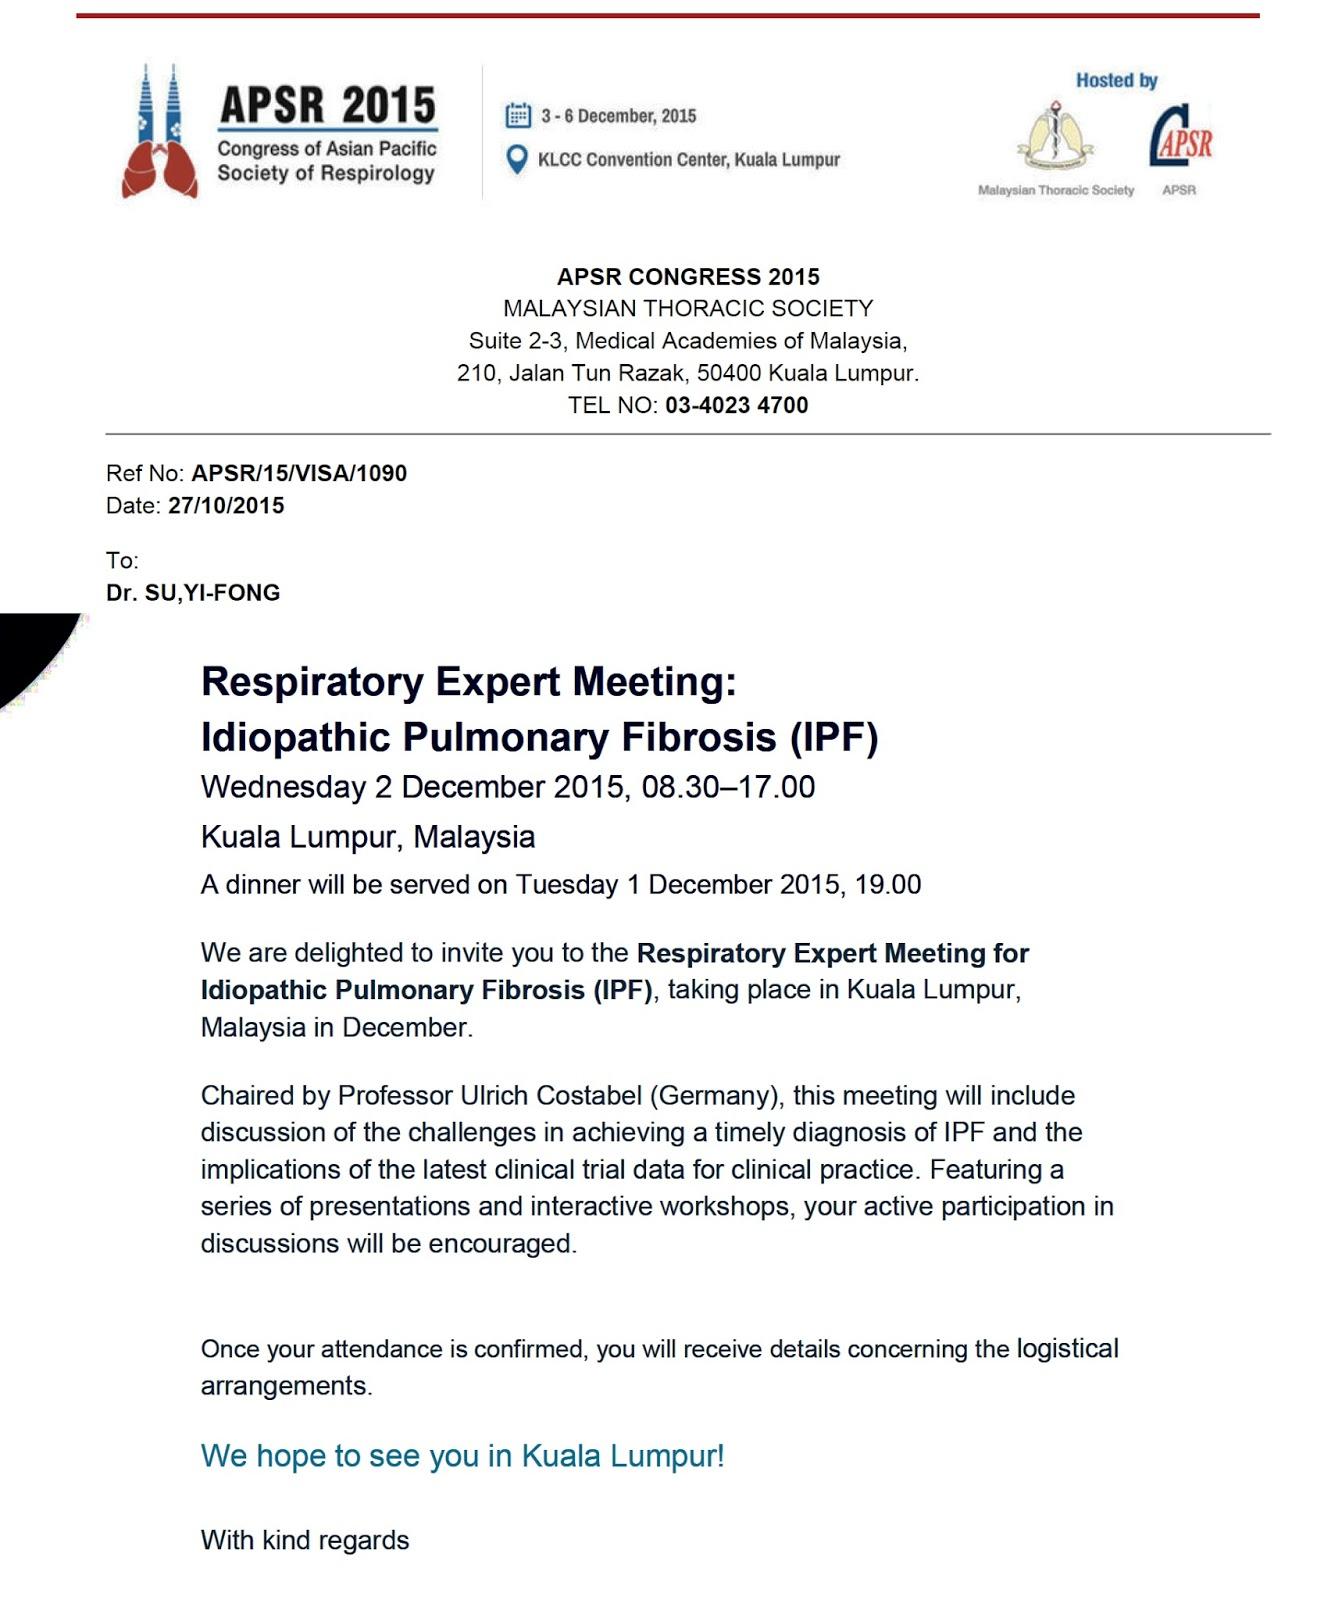 胸腔重癥蘇一峰醫師: 蘇醫師被邀請參加 特發性肺纖維化-國際專家會議(IPF Respiratory Expert Meeting)